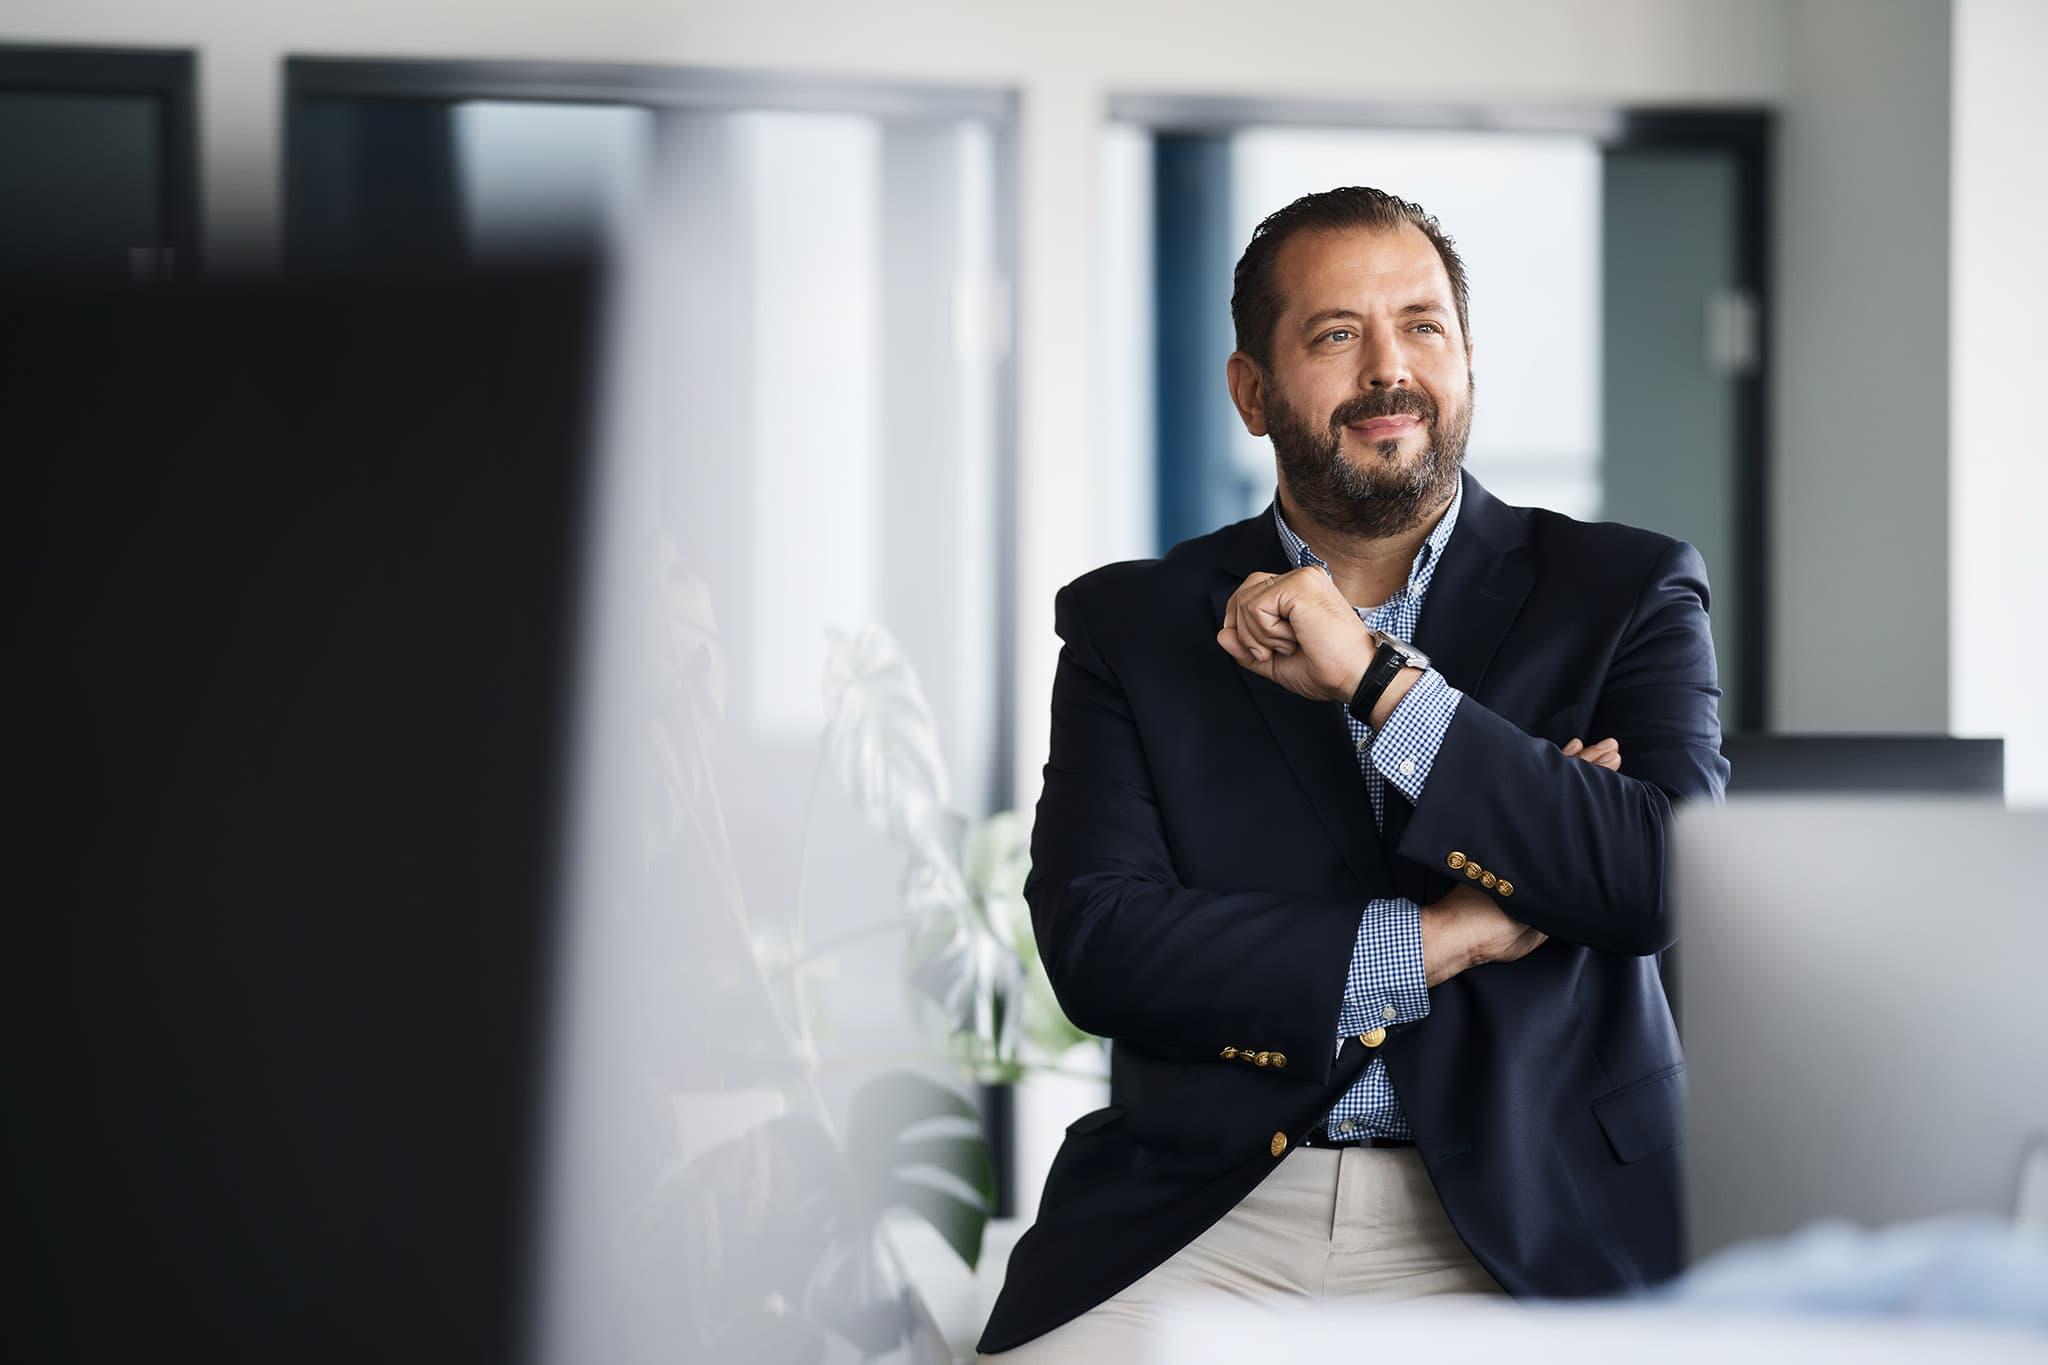 Zdjęcia portretowe w siedzibie firmy